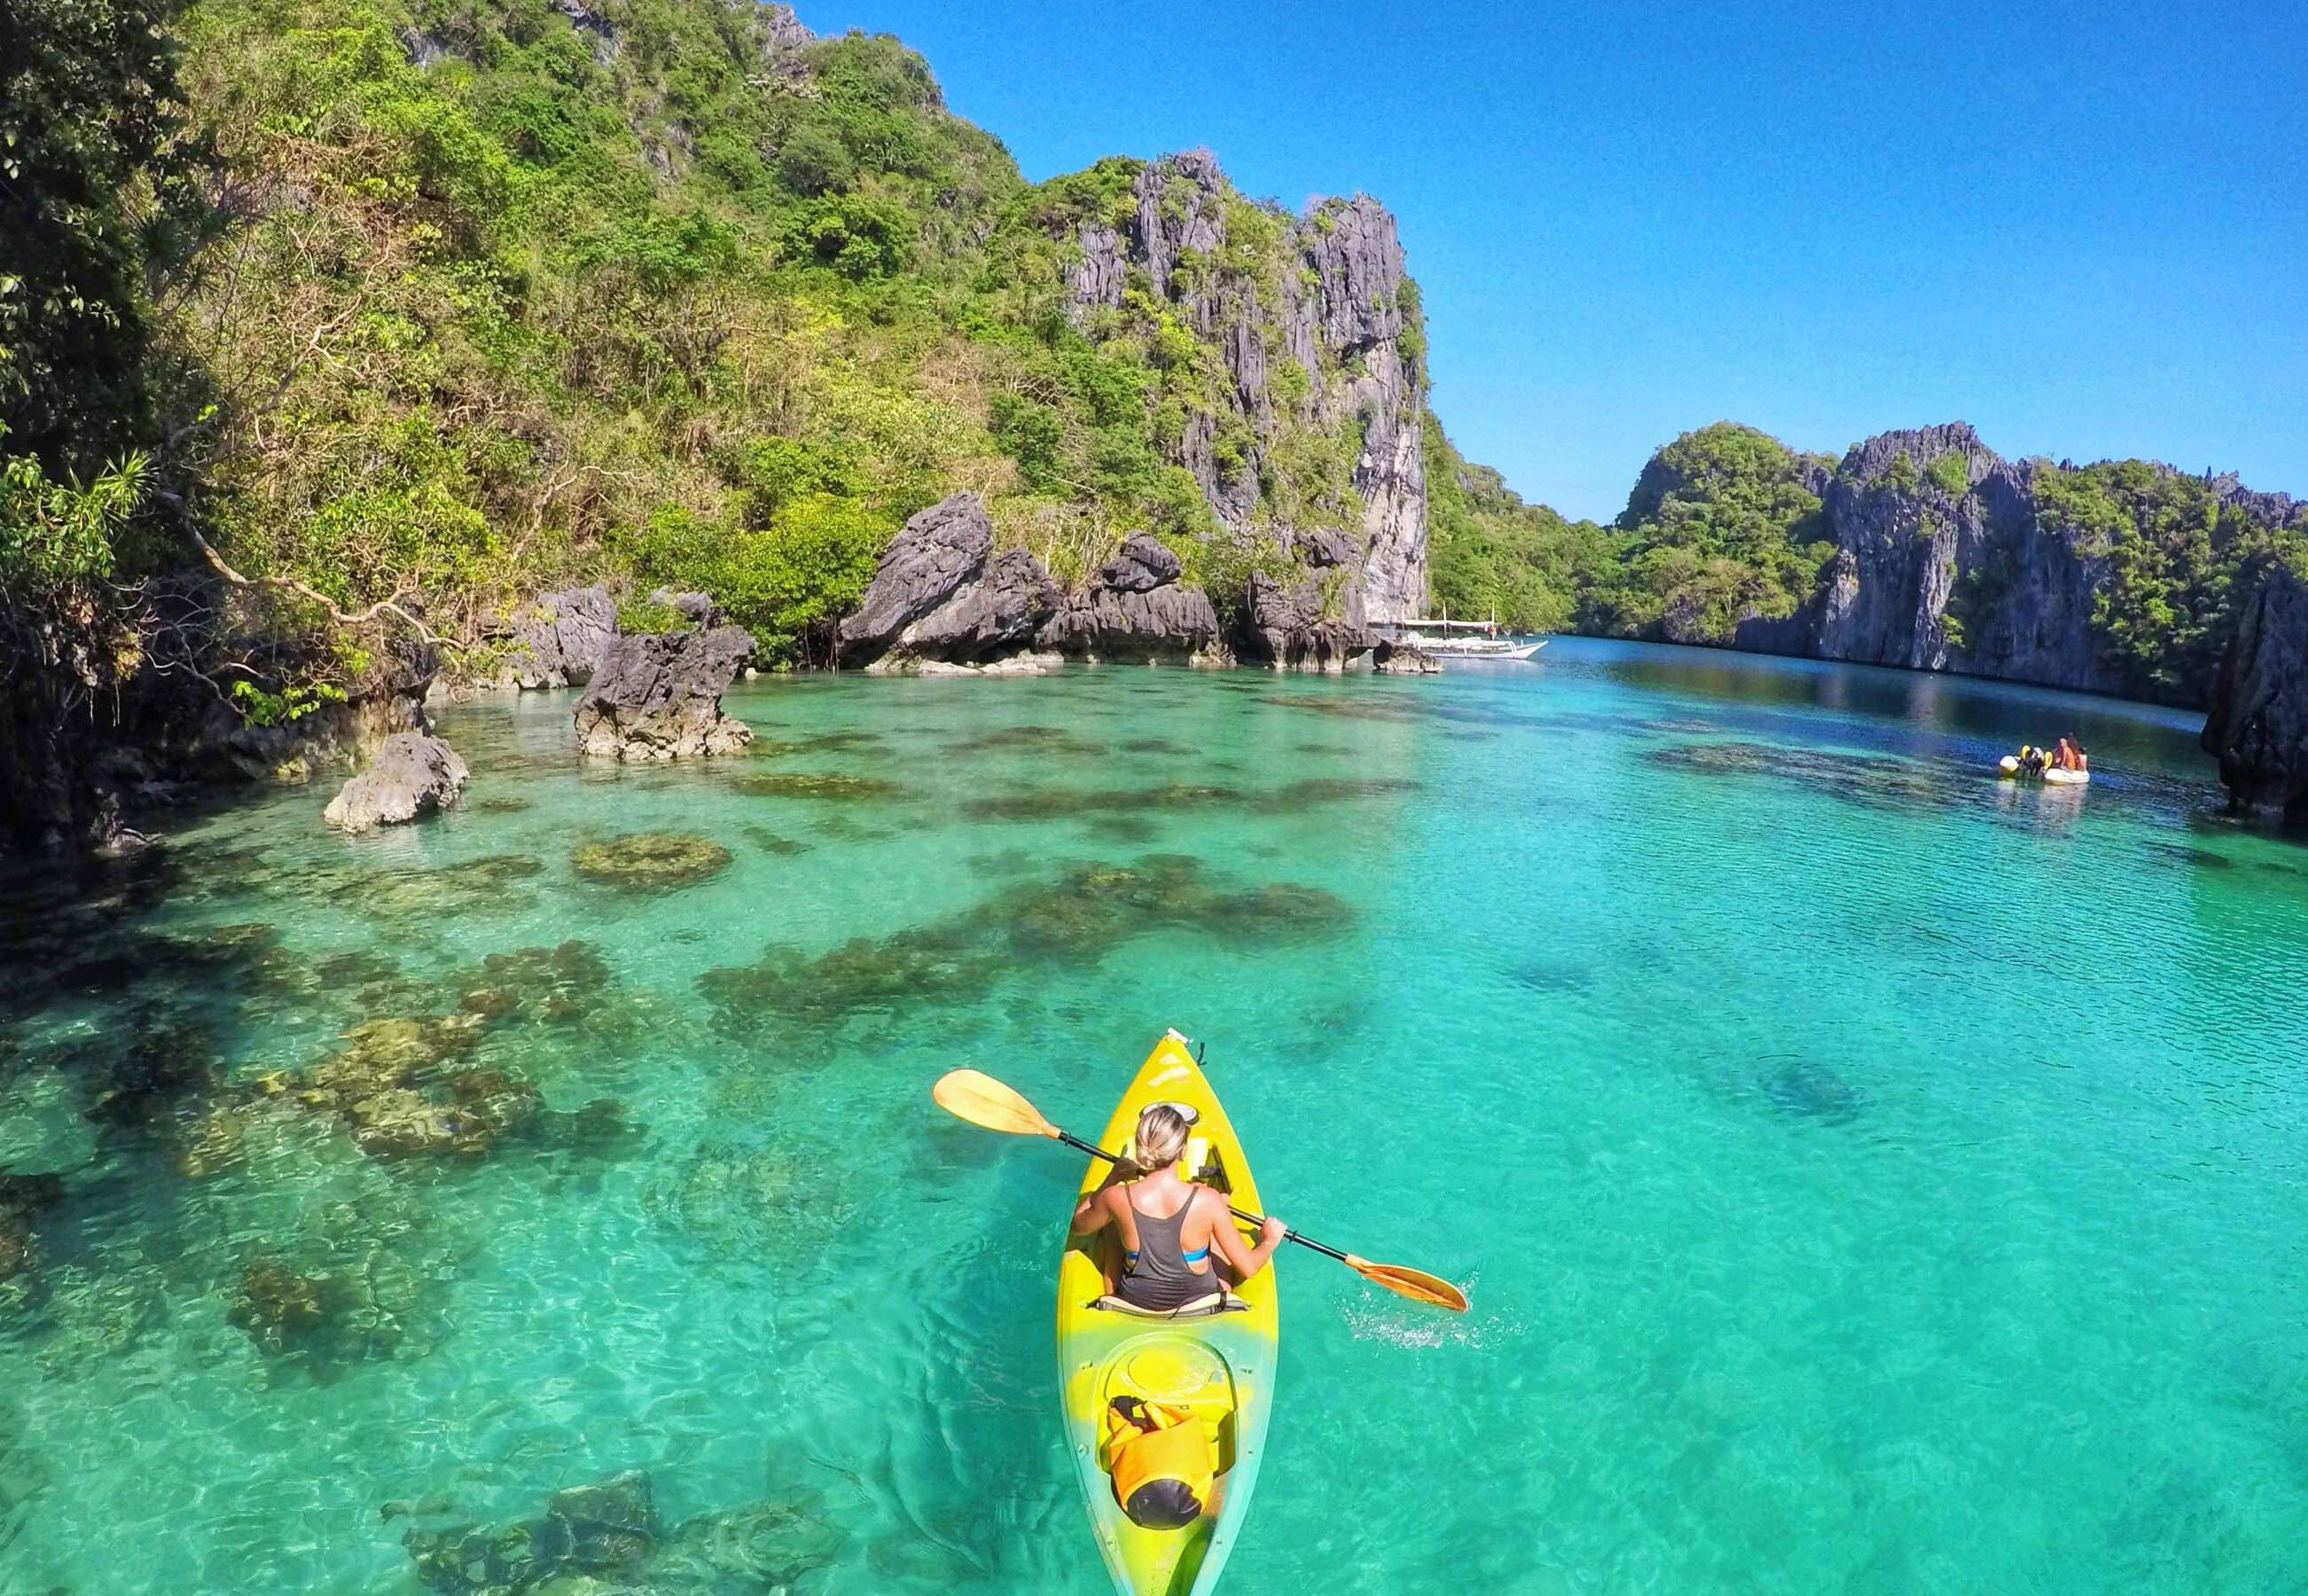 Big Lagoon em El Nido, Filipinas | Créditos: Lala Rebelo